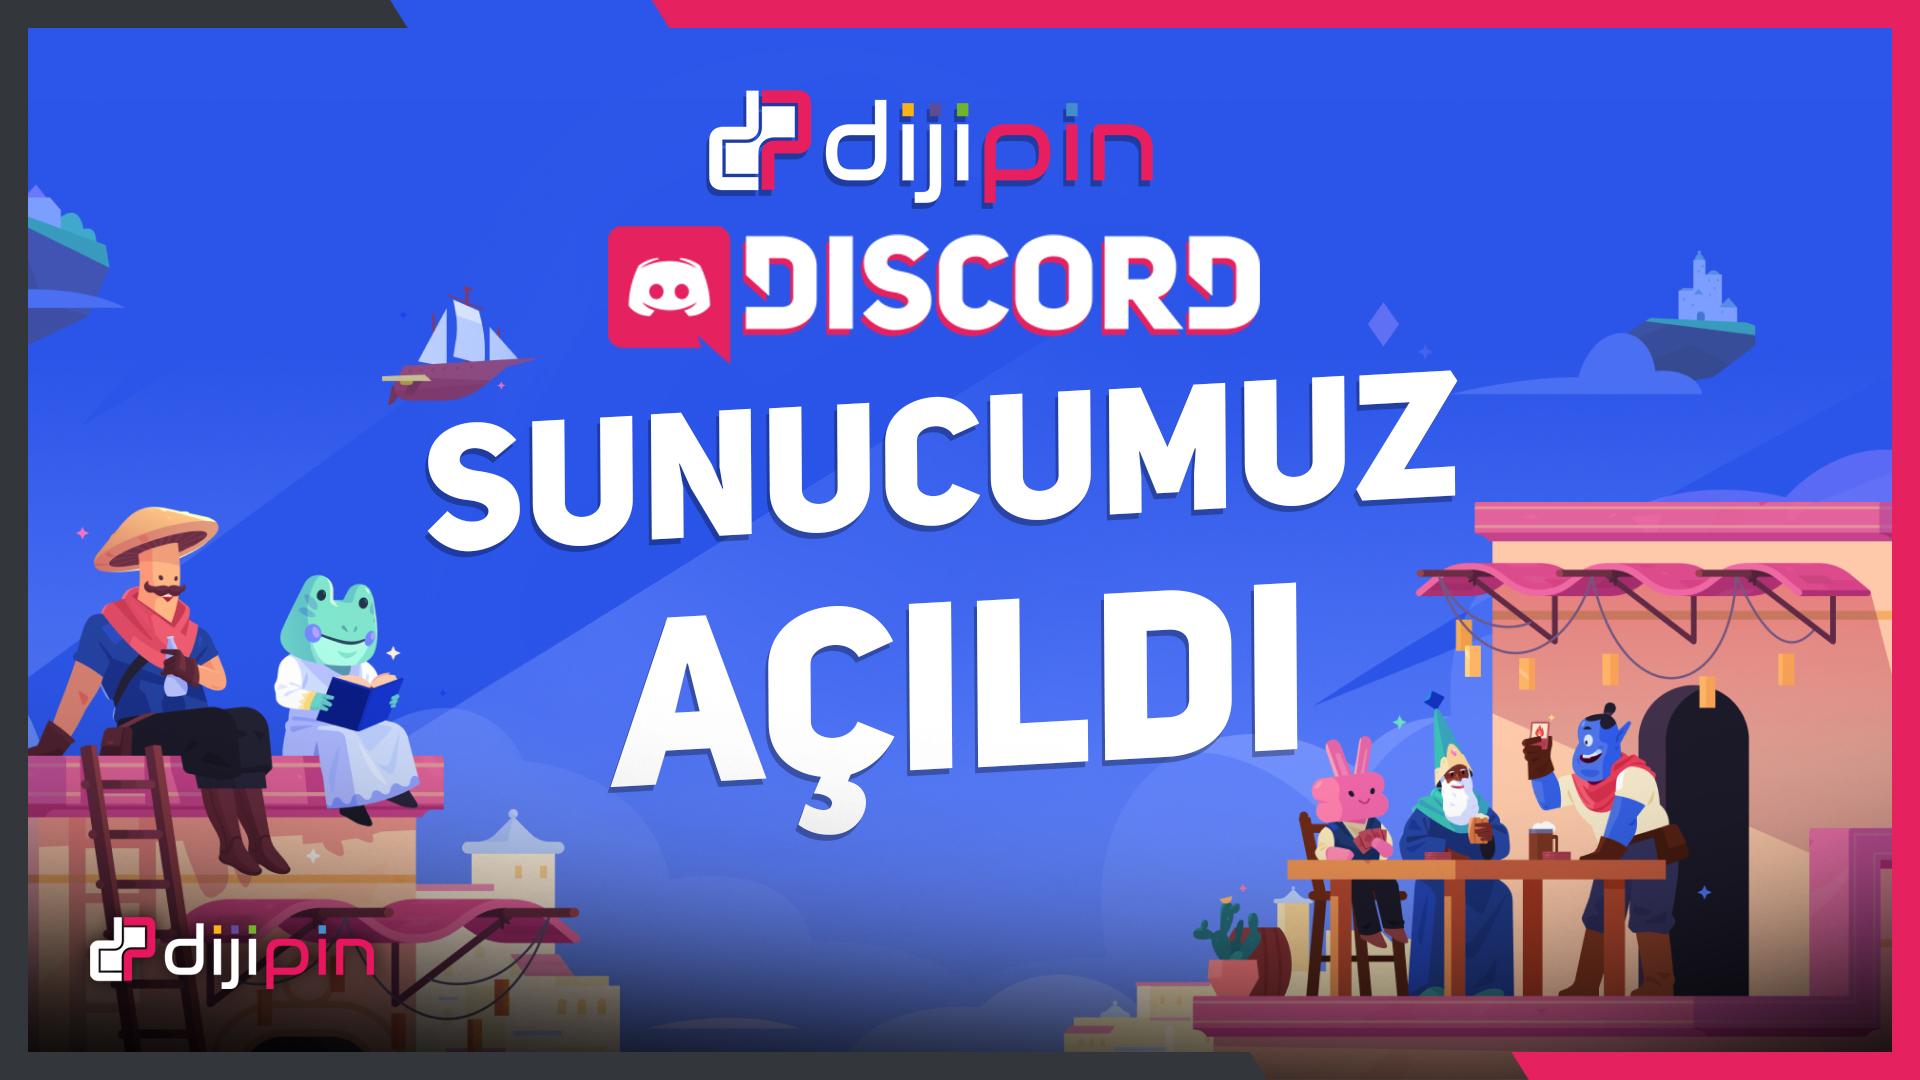 Dijipin Discord Sunucusu AÇILDI!